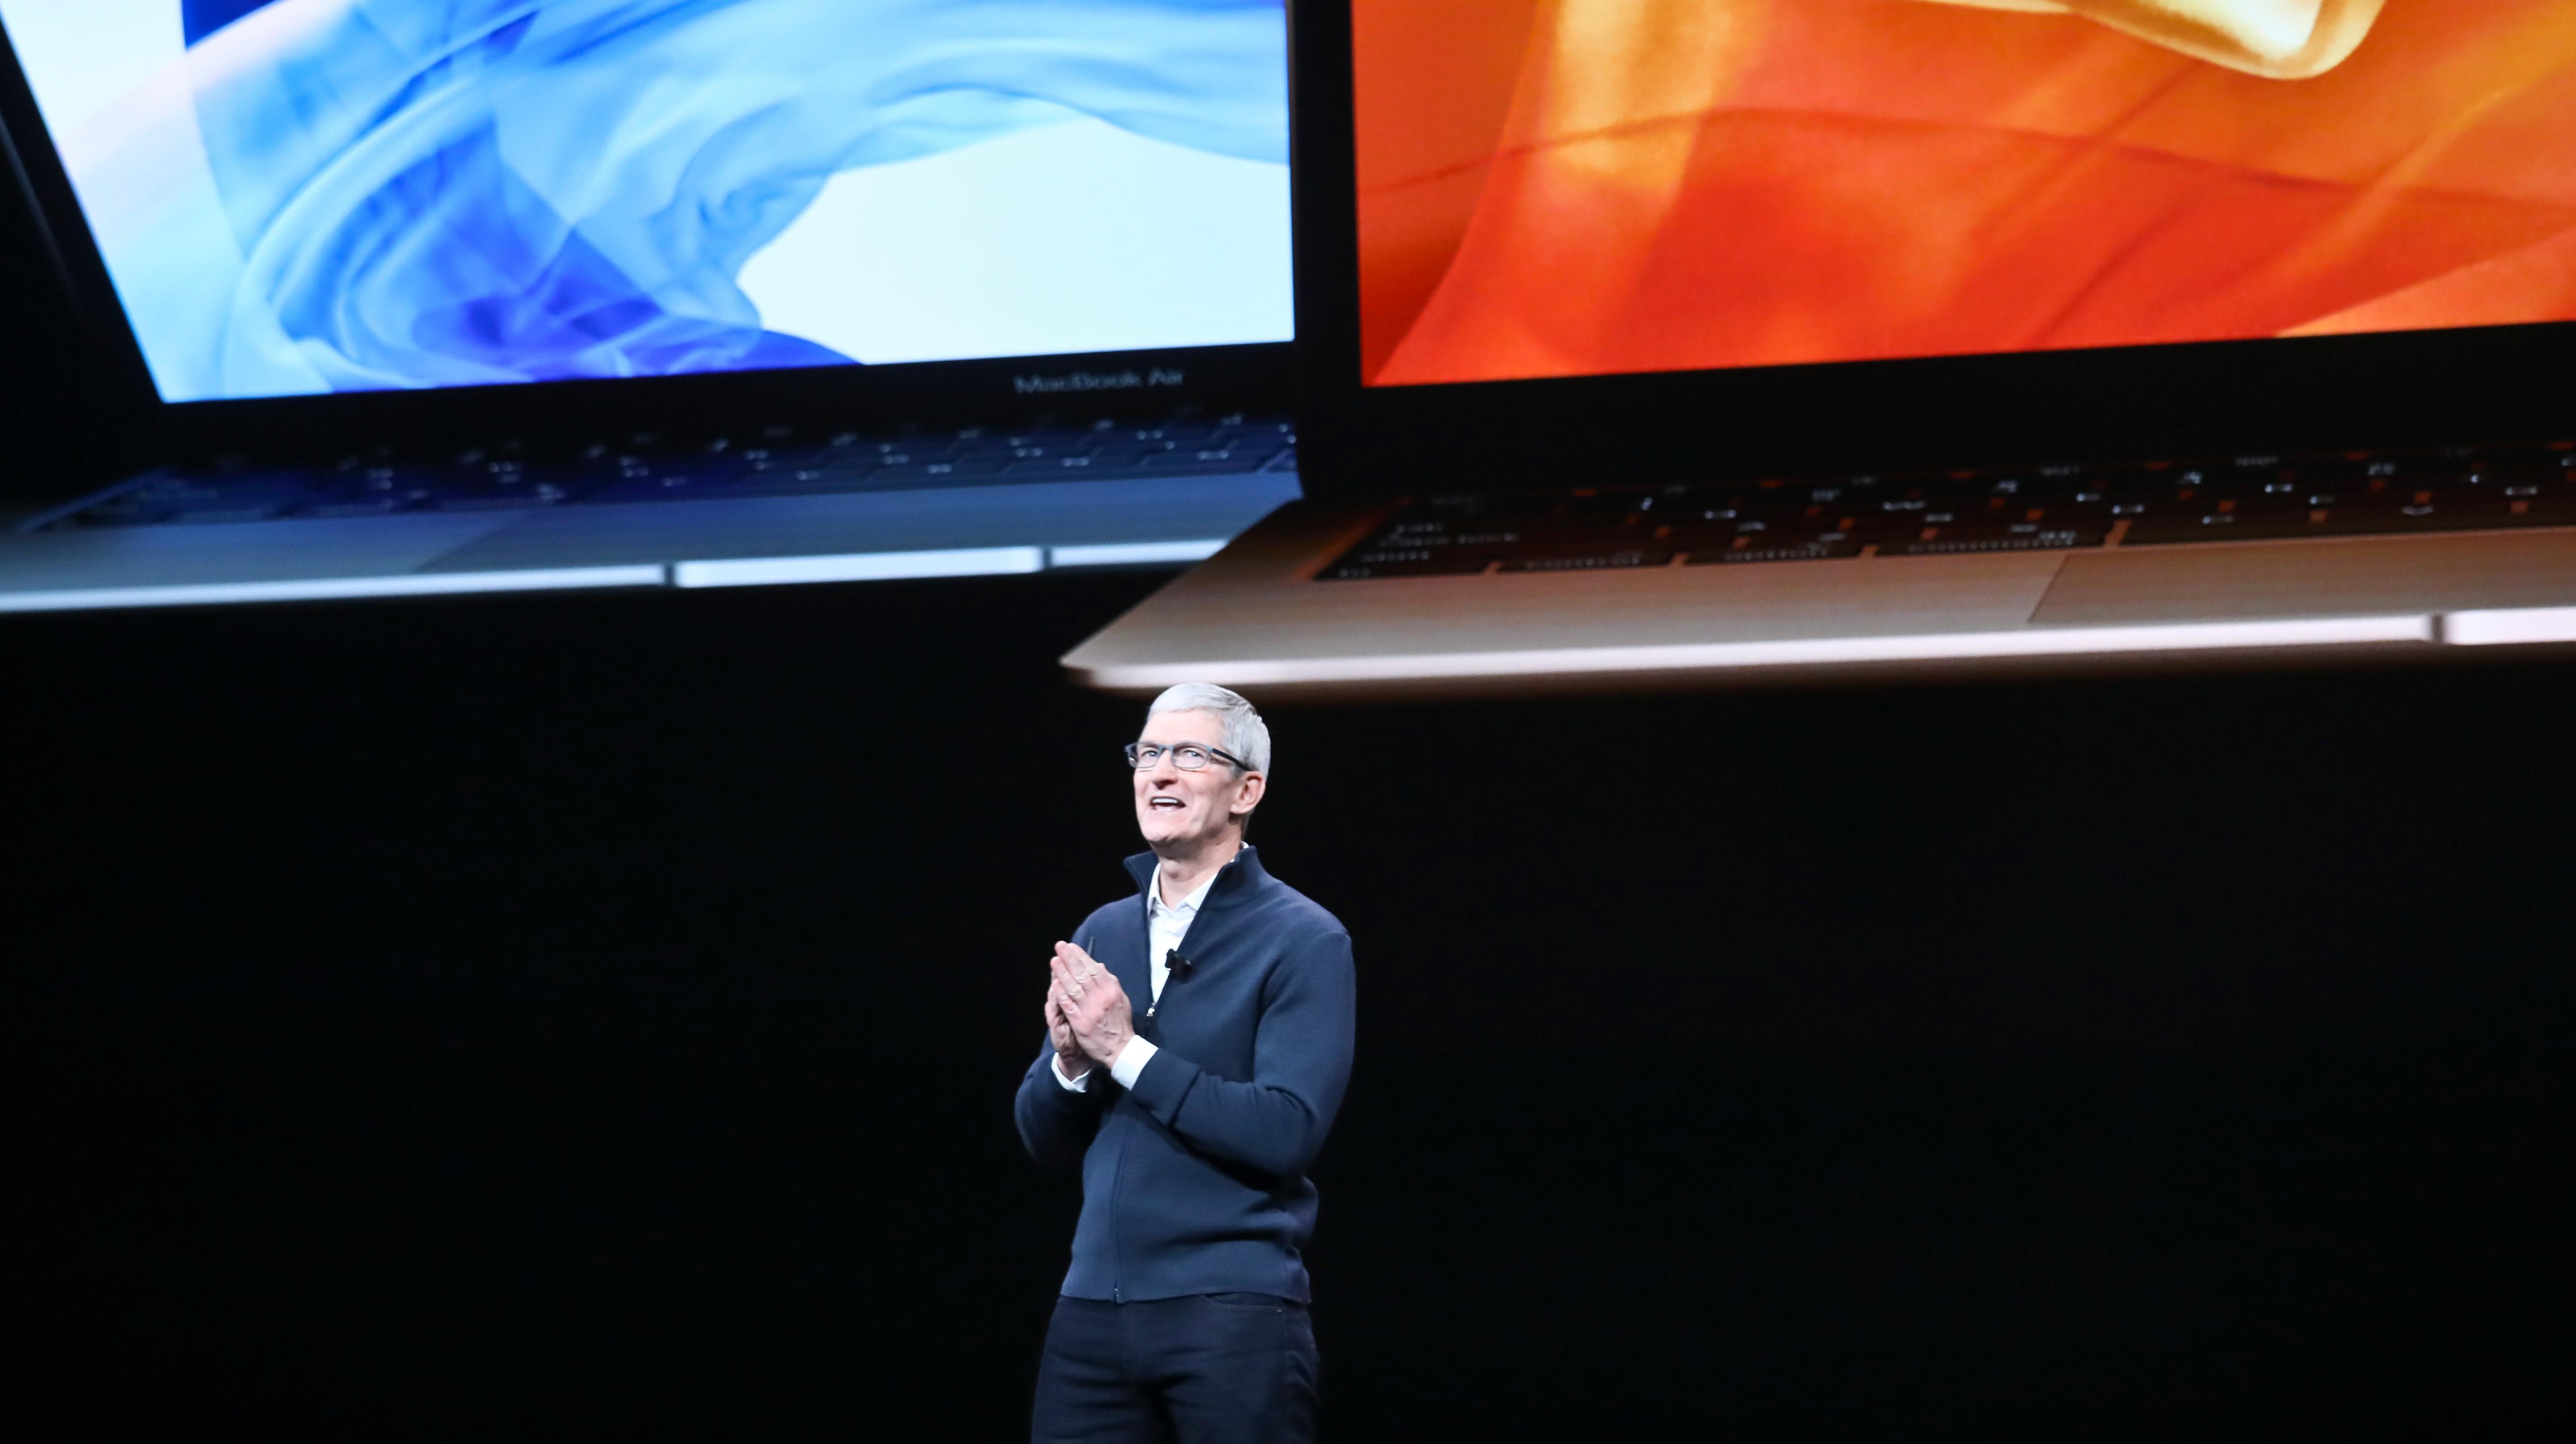 Tim Cook, CEO da Apple, em uma apresentação da empresa. Ao fundo, um telão mostra dois notebooks da marca.